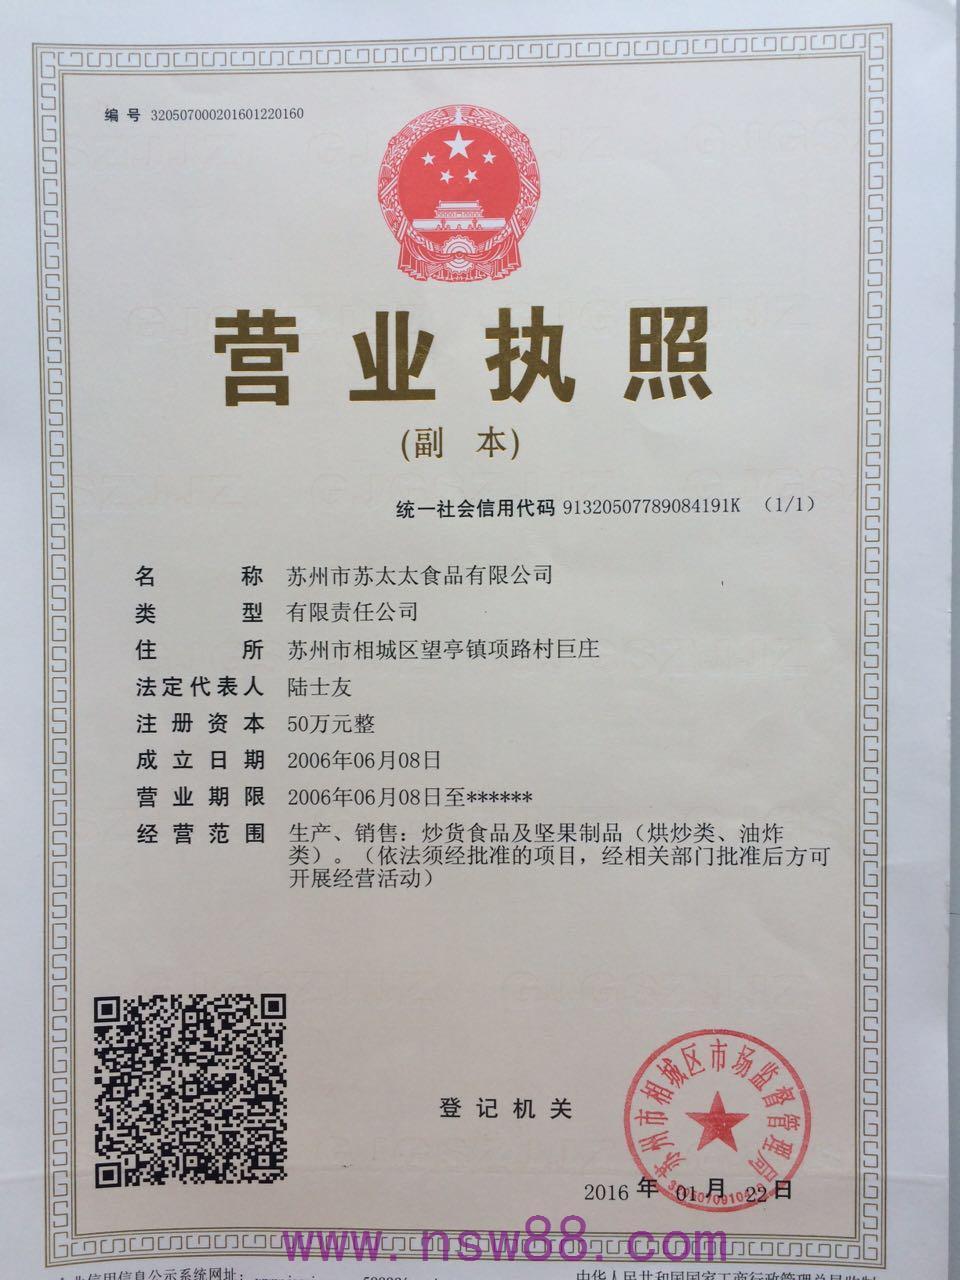 苏州市苏太太食品有限公司营业执照